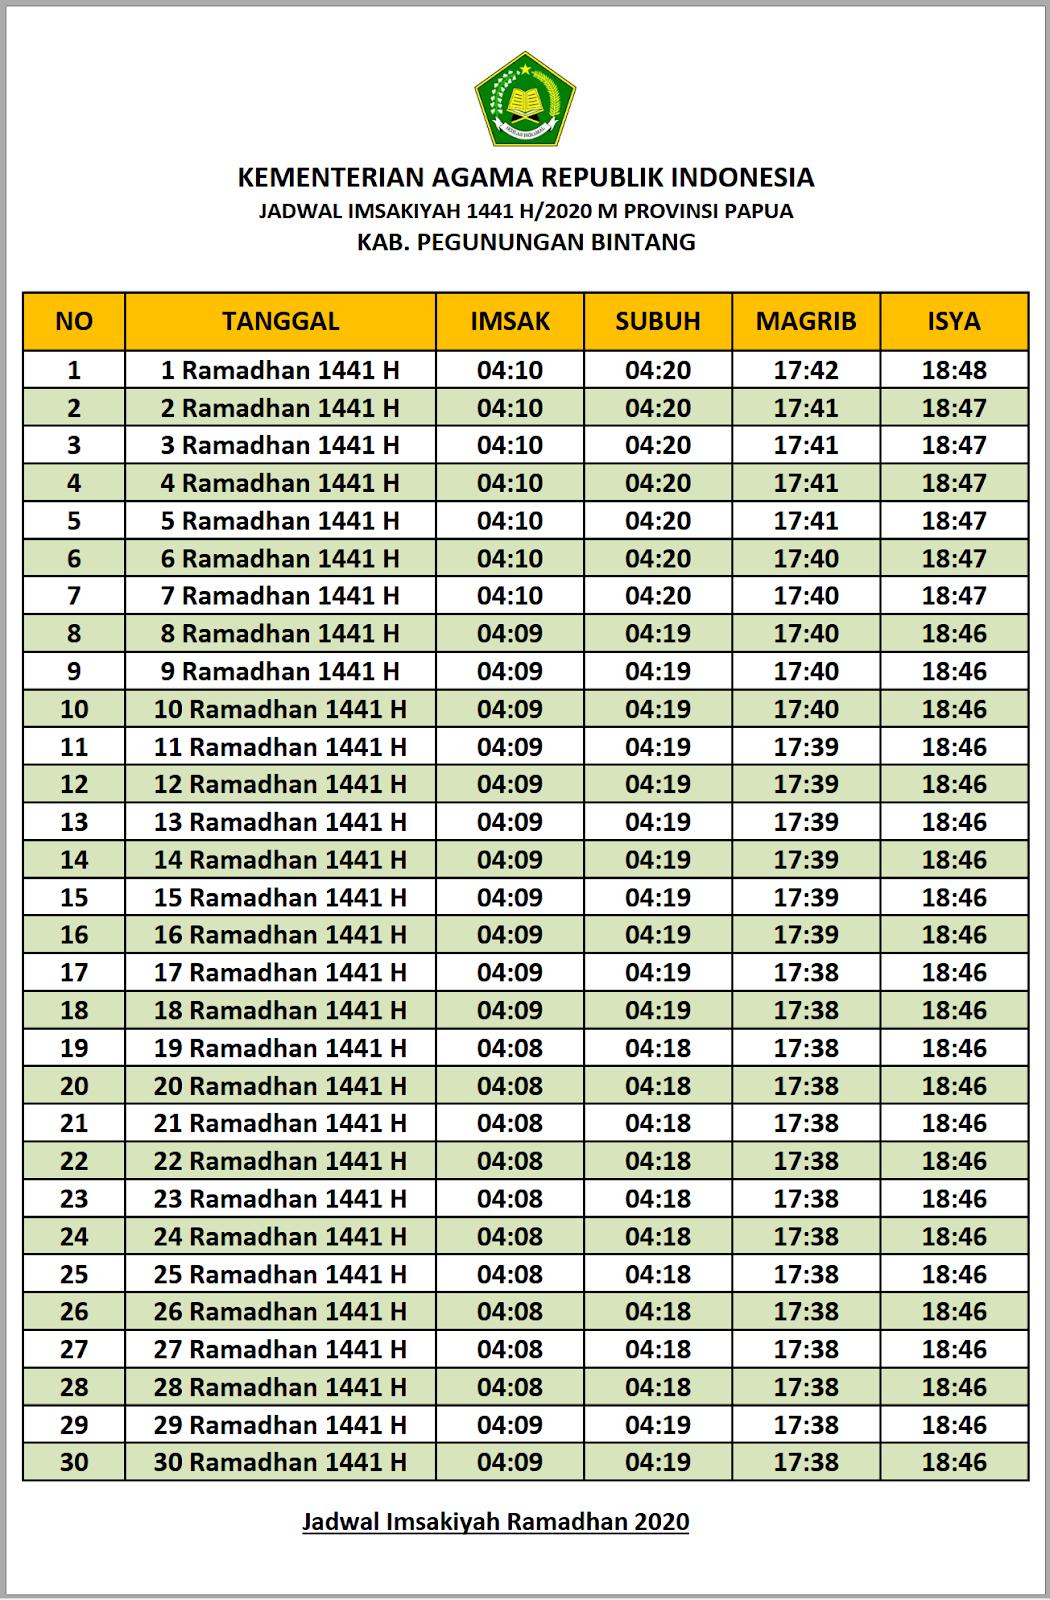 Jadwal Imsak Pegunungan Bintang 2020